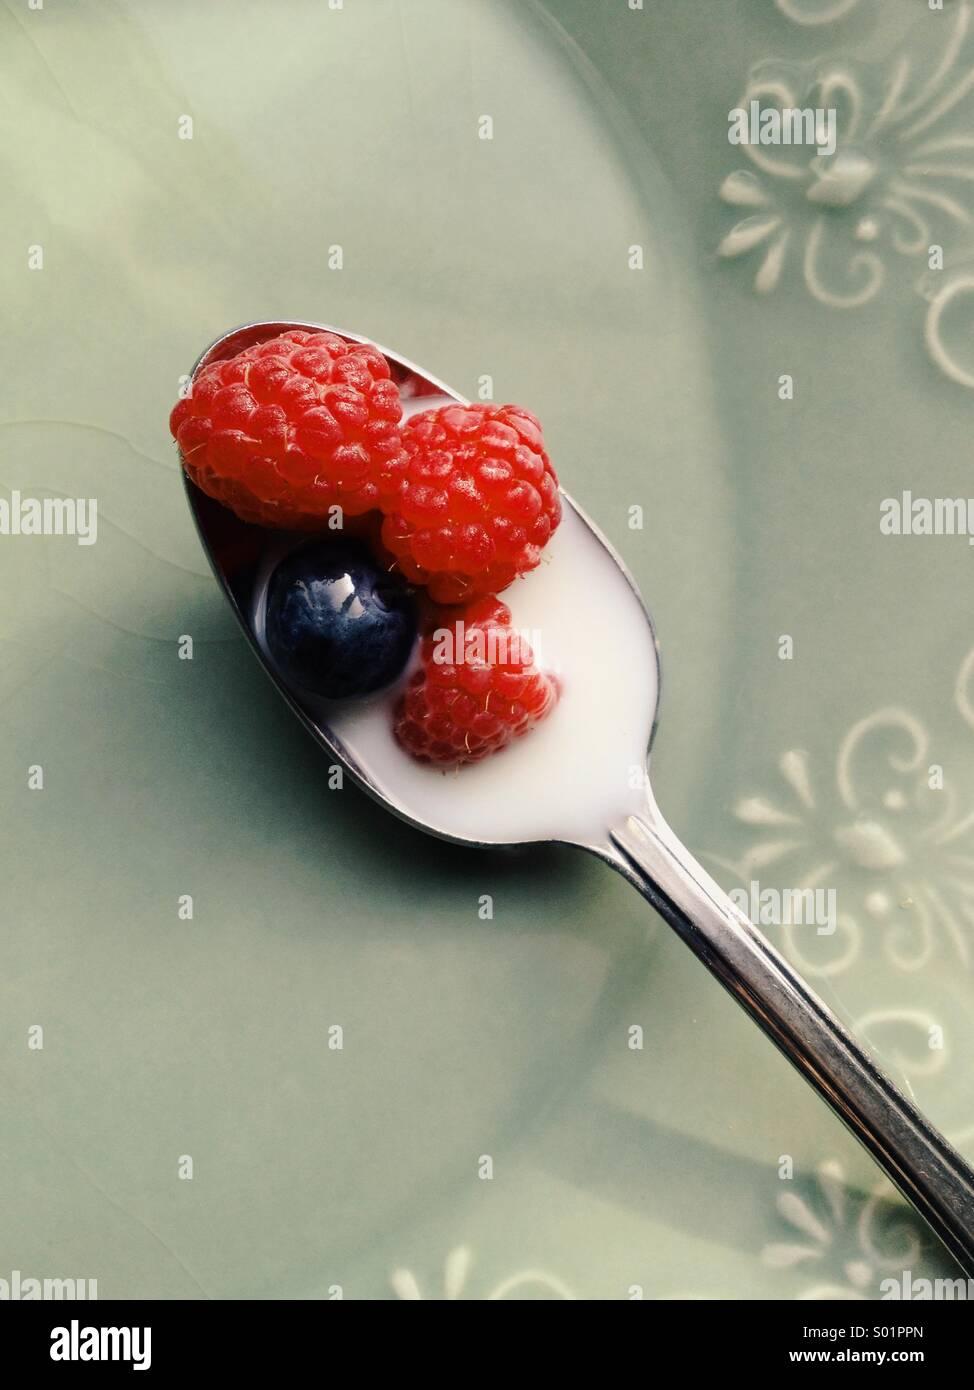 Cuchara con bayas y leche Imagen De Stock